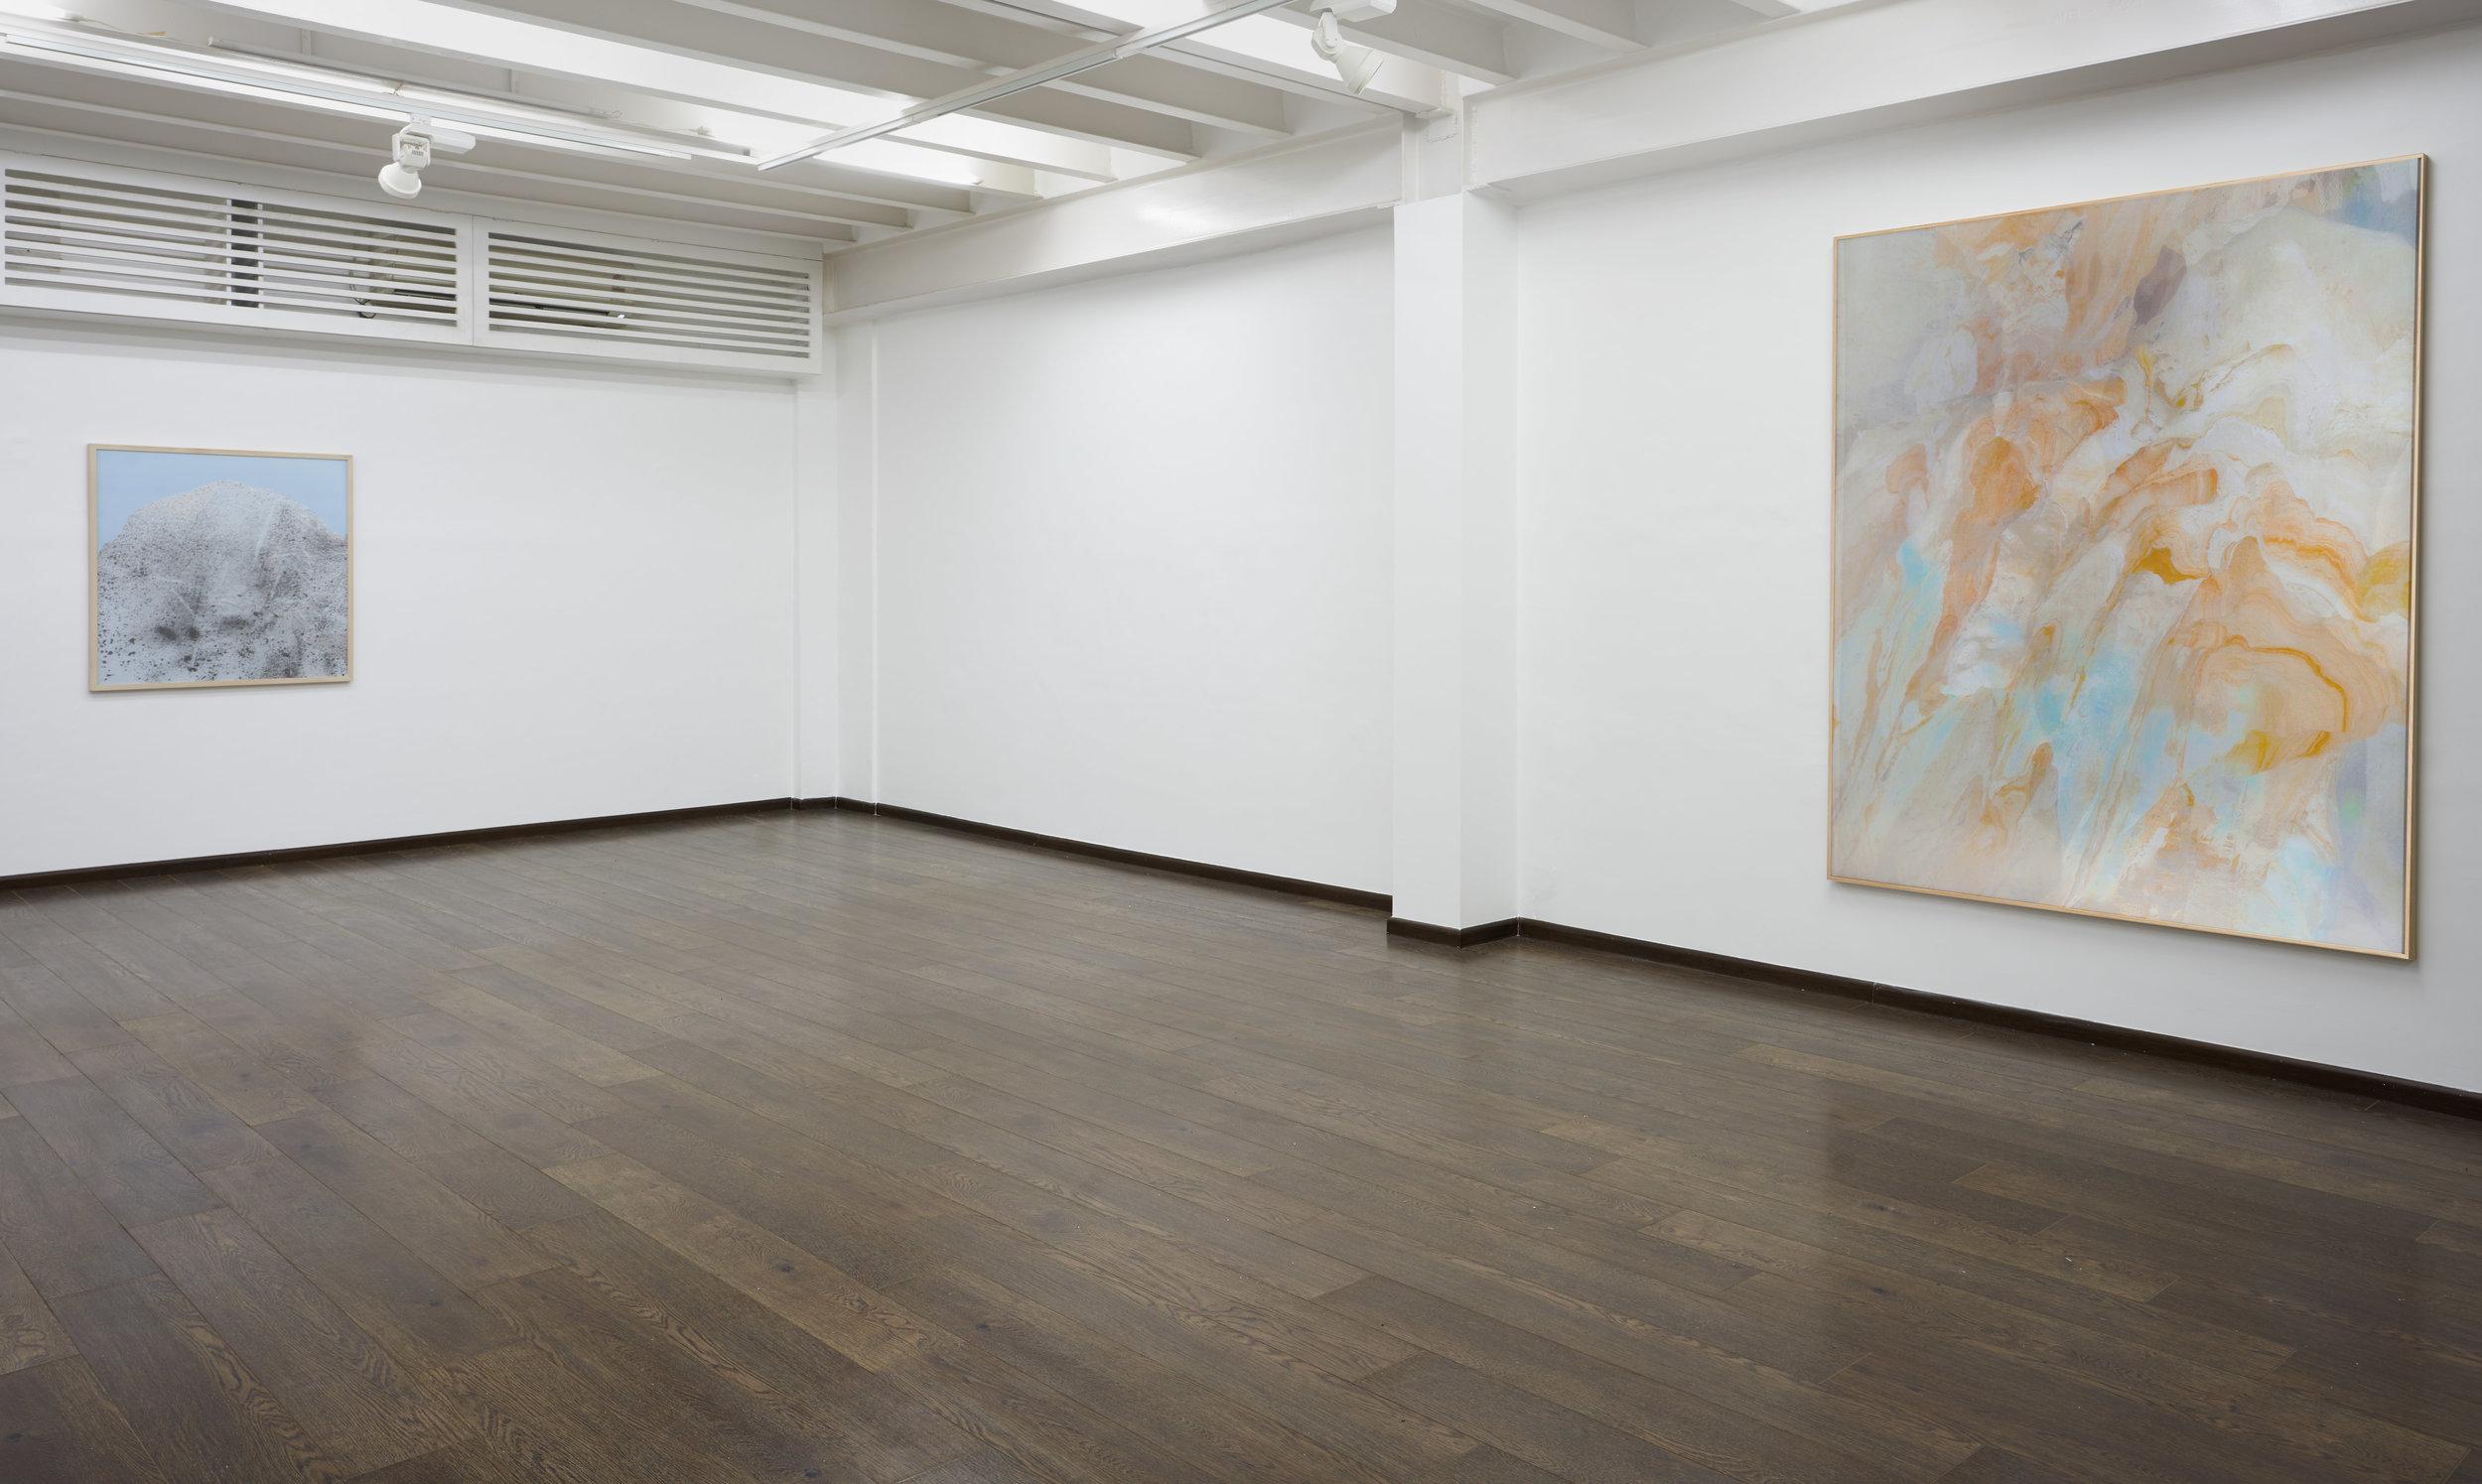 12 Galerie ISA 6199146.jpg